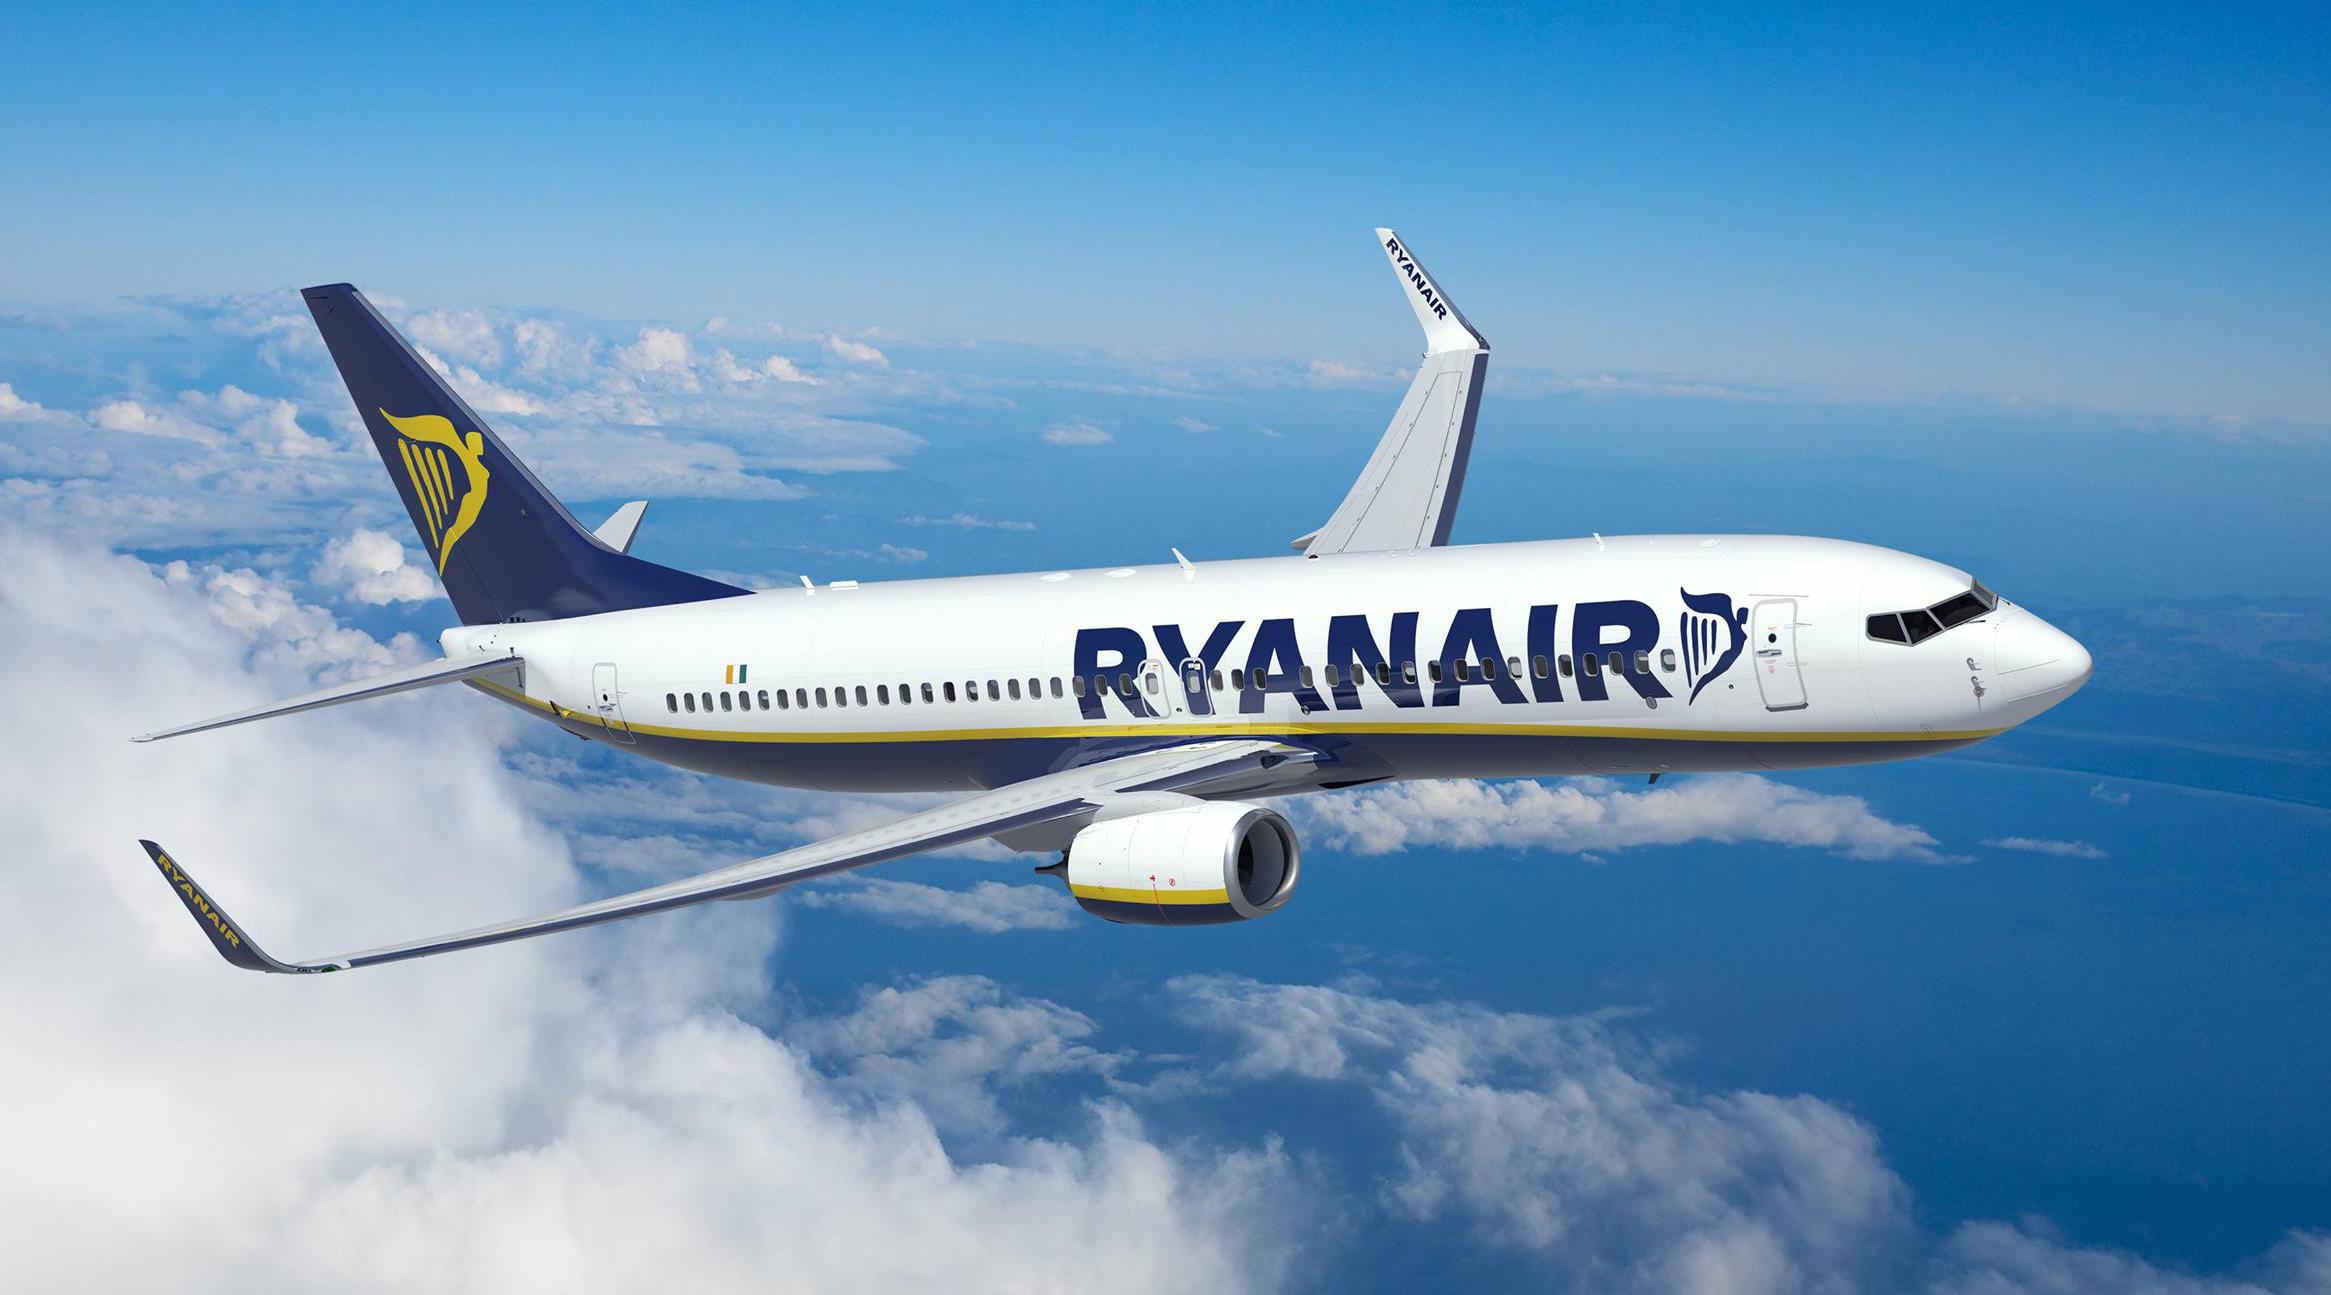 Каких цен на авиабилеты ждать украинцам с приходом на рынок Ryanair?